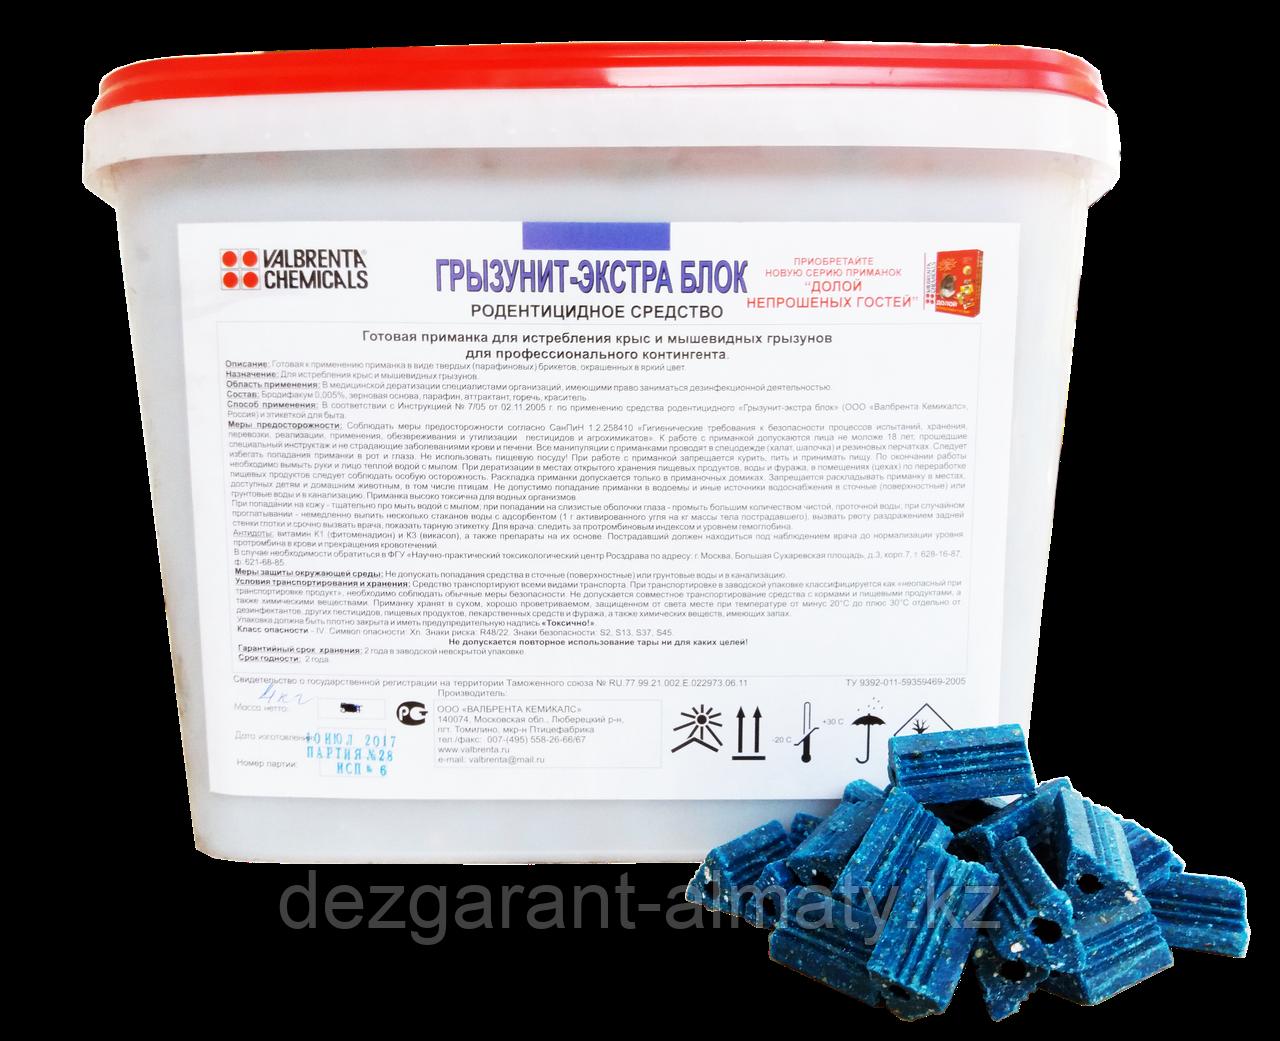 Грызунит-экстра блок (ведро 4 кг). Средство от крыс и мышей